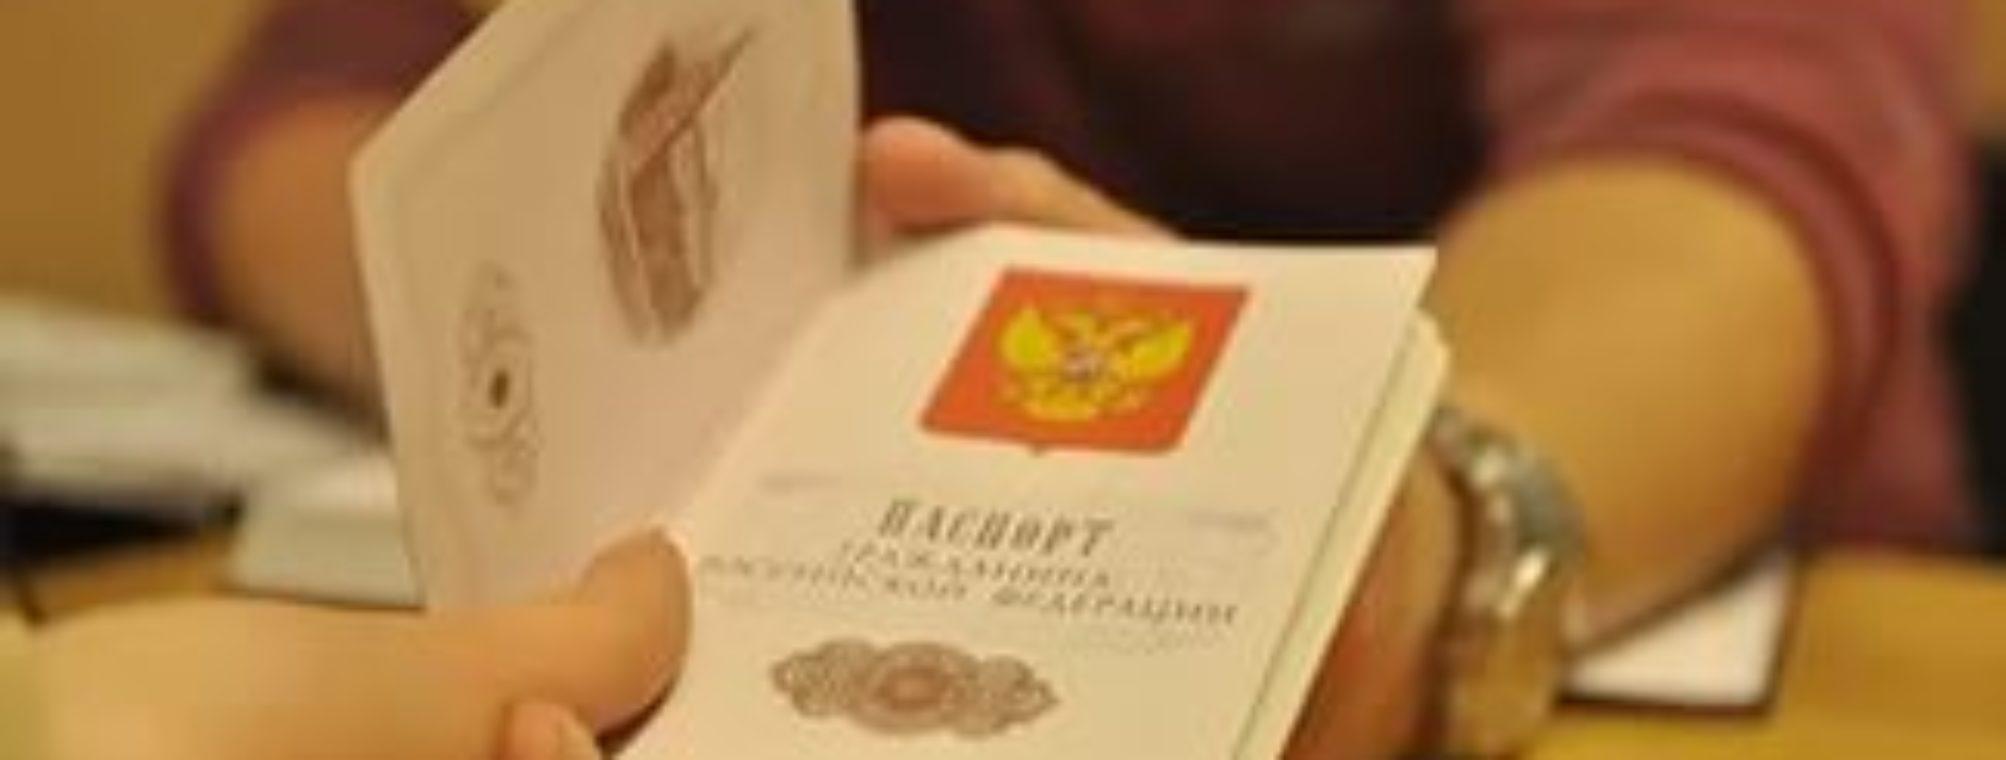 Как получить итальянское гражданство россиянину